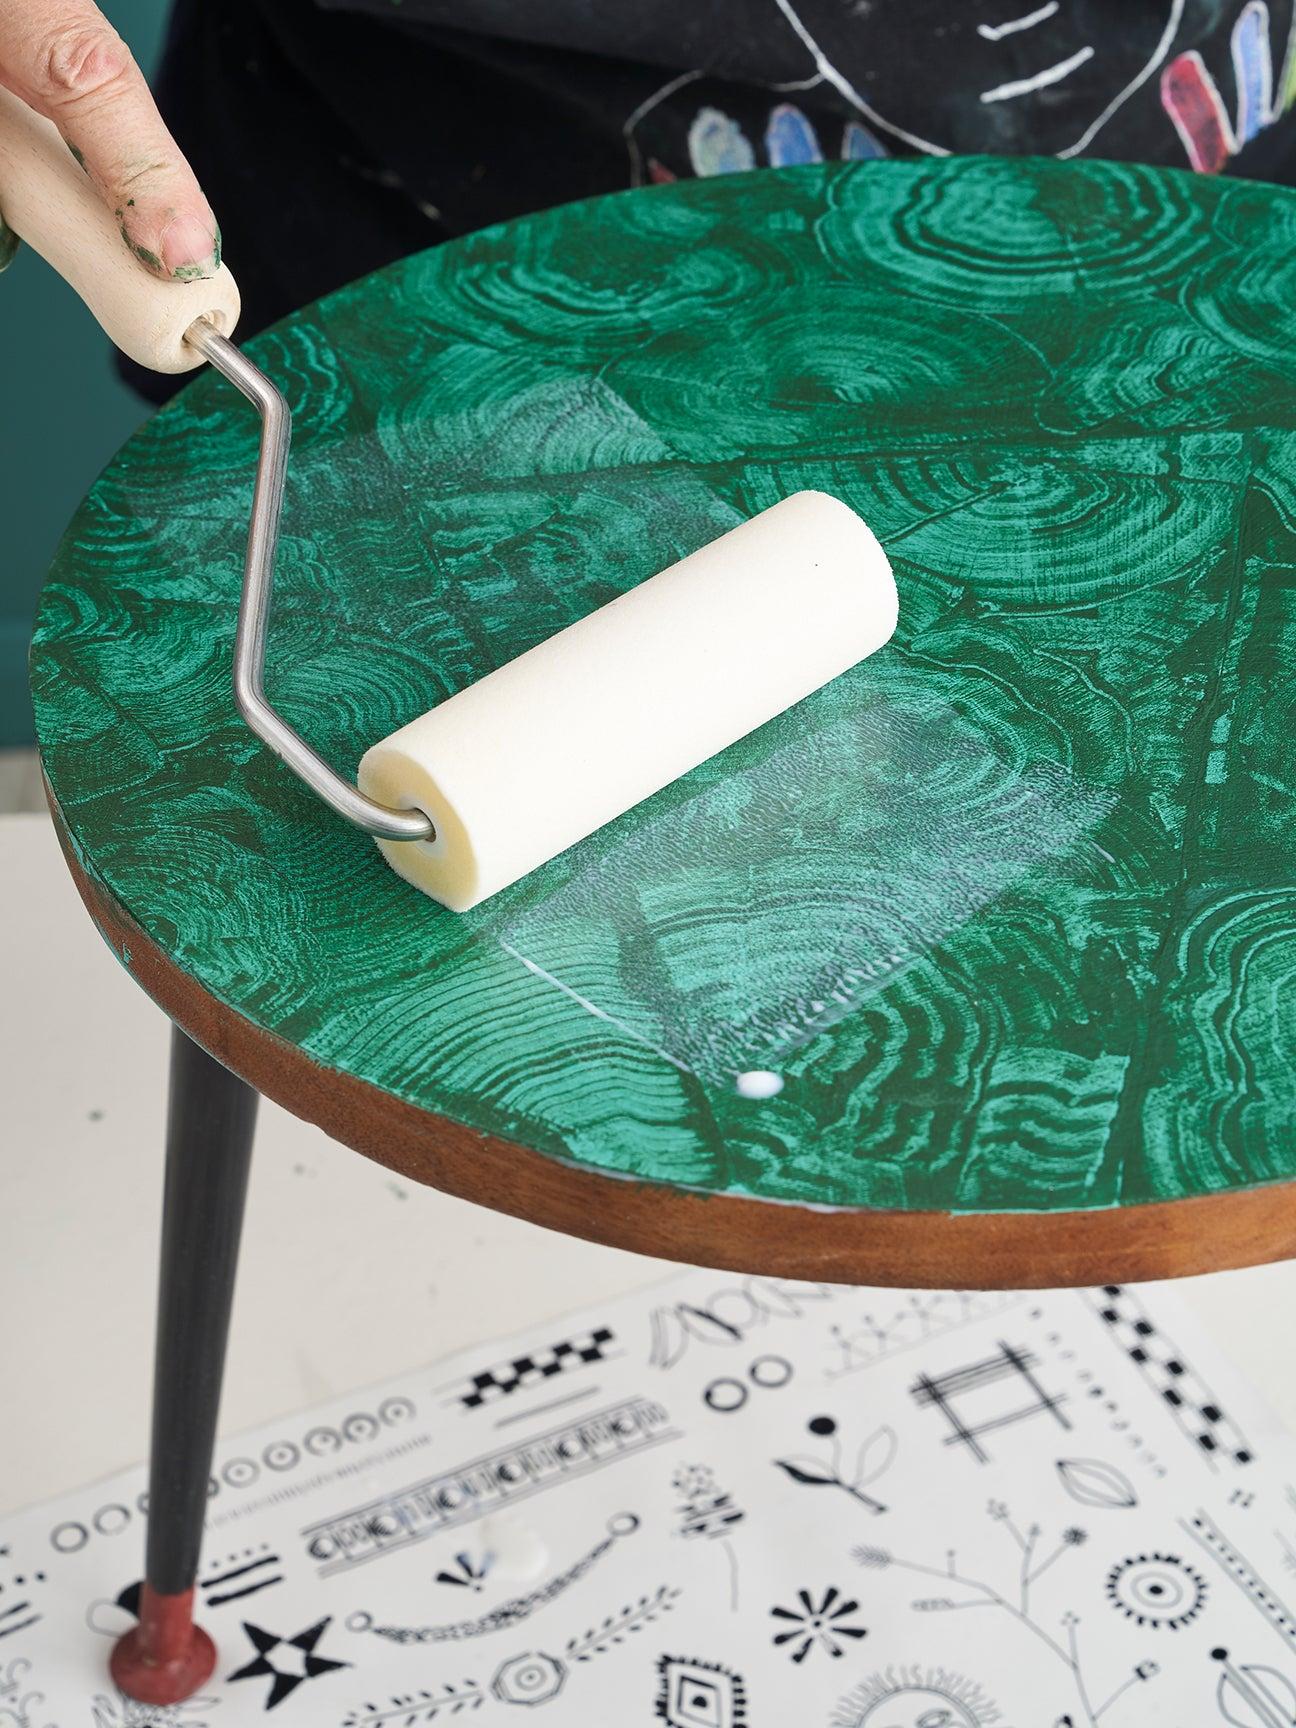 sponge roller going across a table